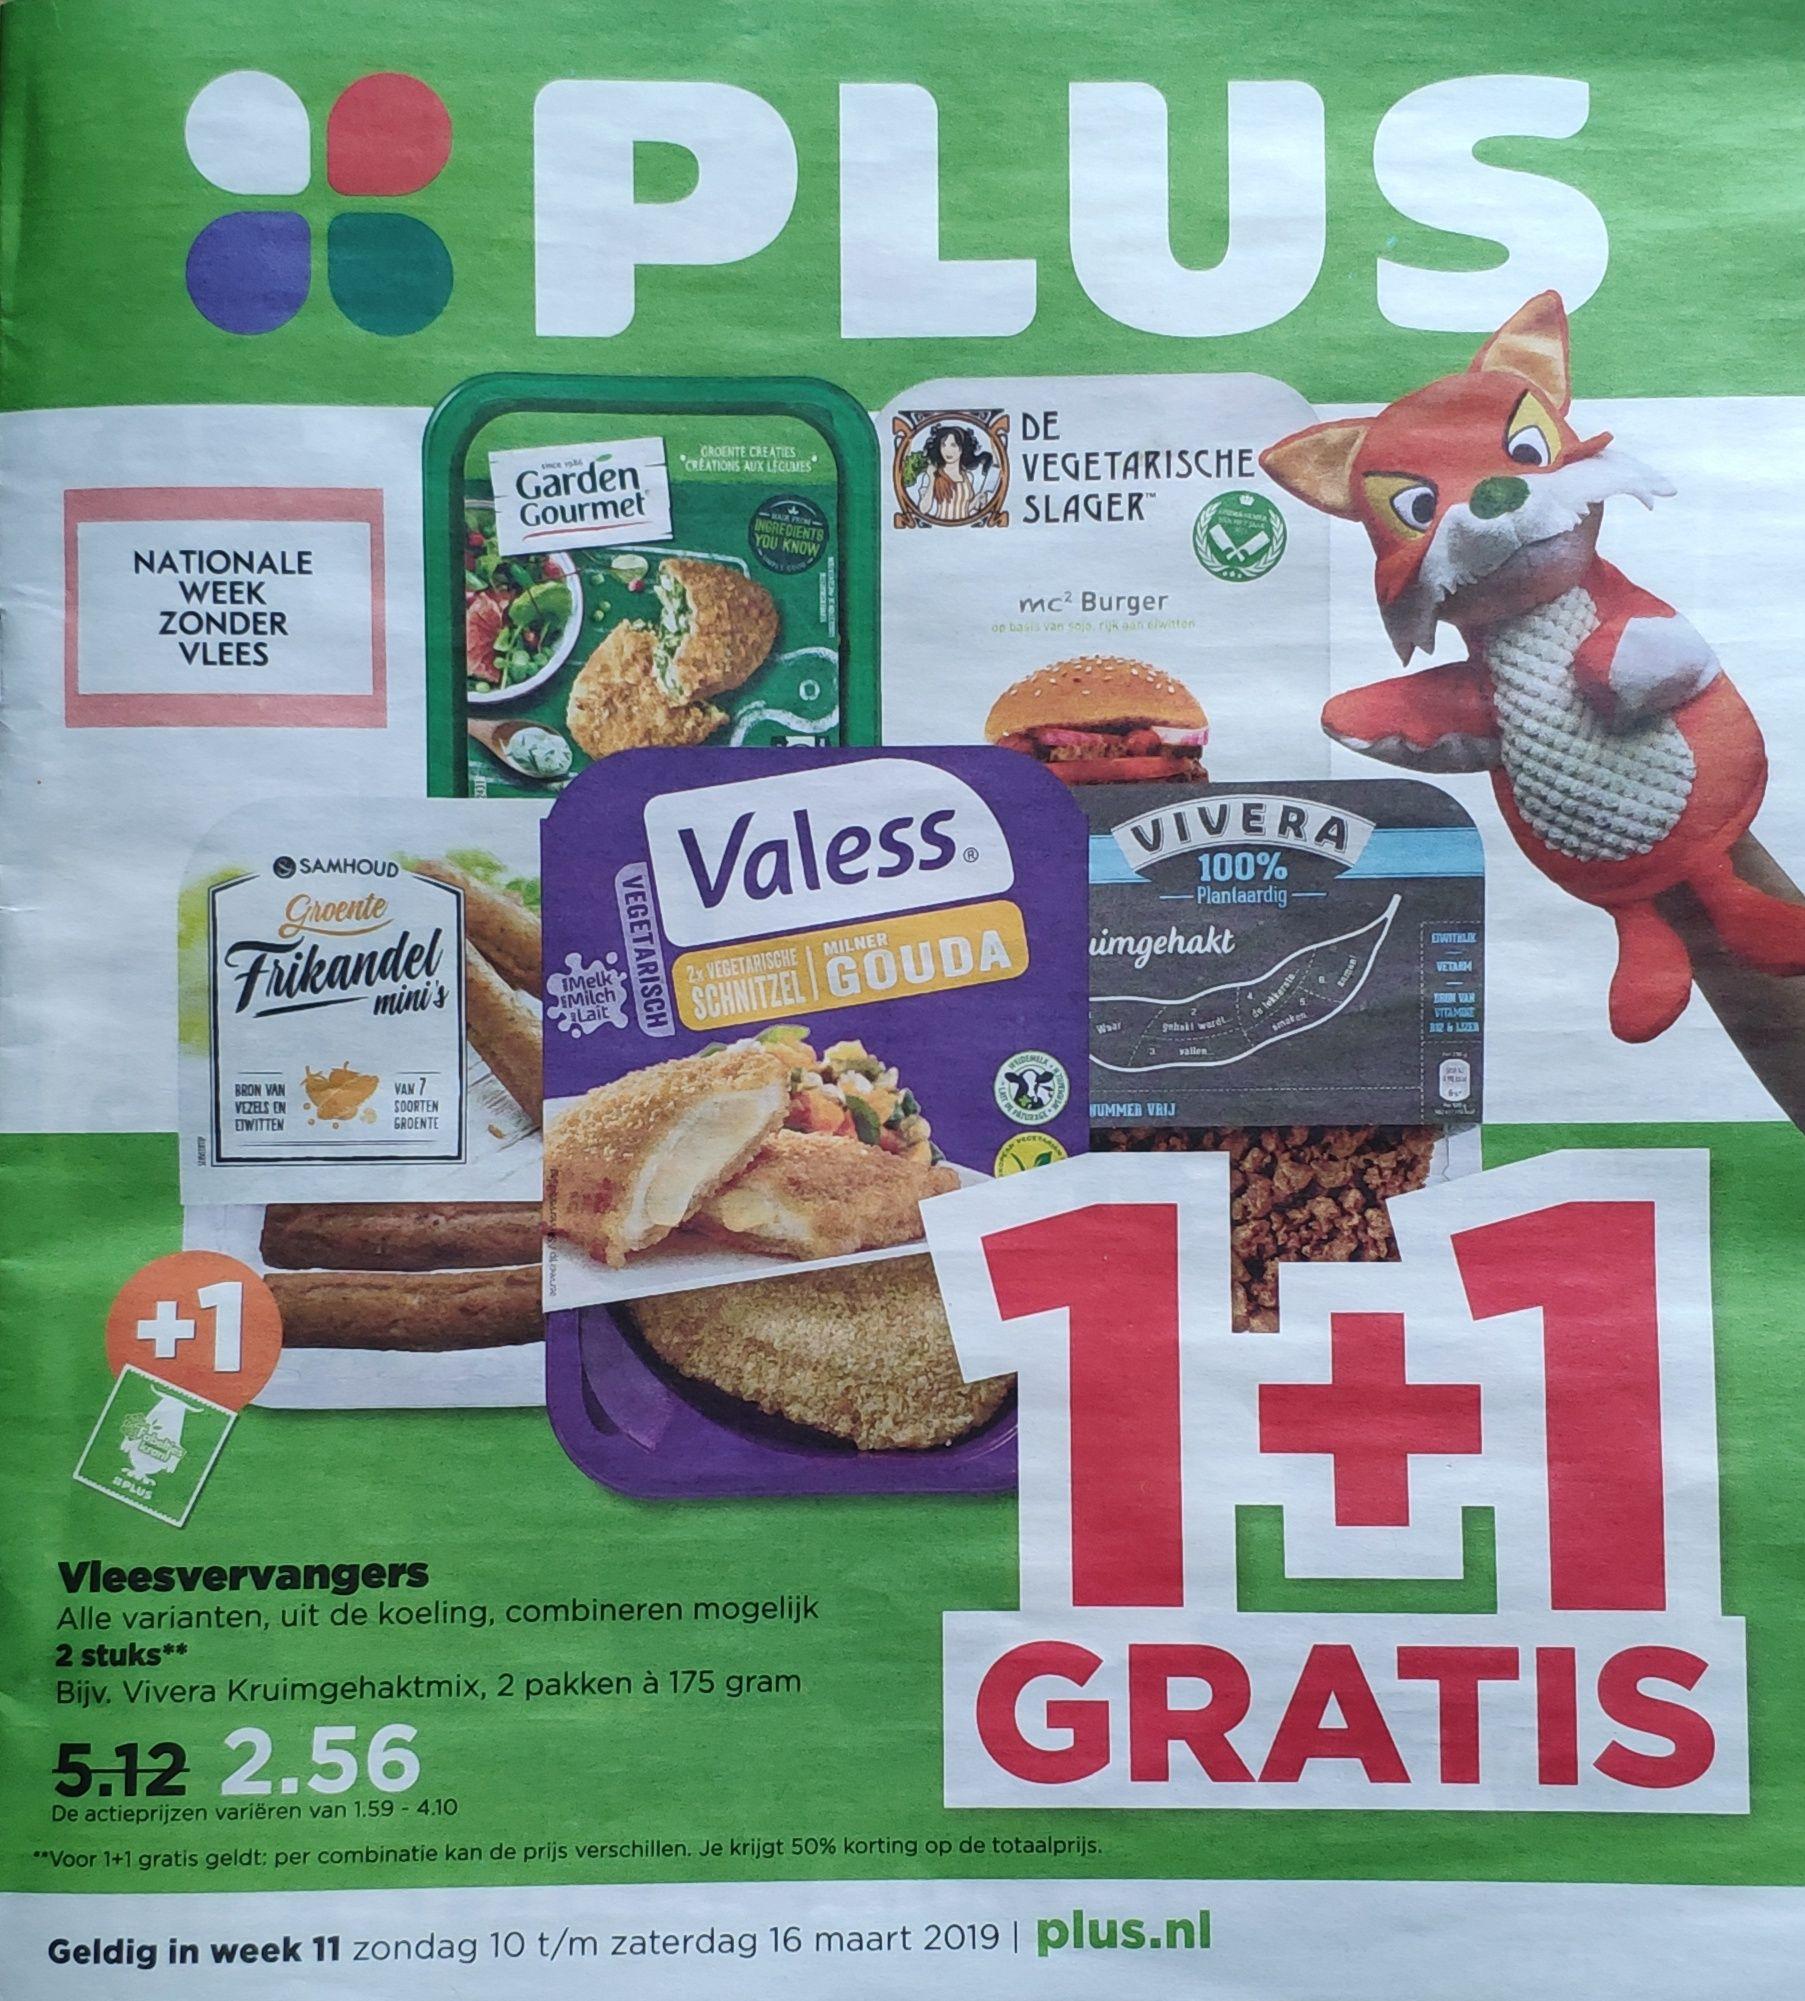 Alle vleesvervangers uit de koeling @Plus 1+1 gratis (+ gratis bezorgen)